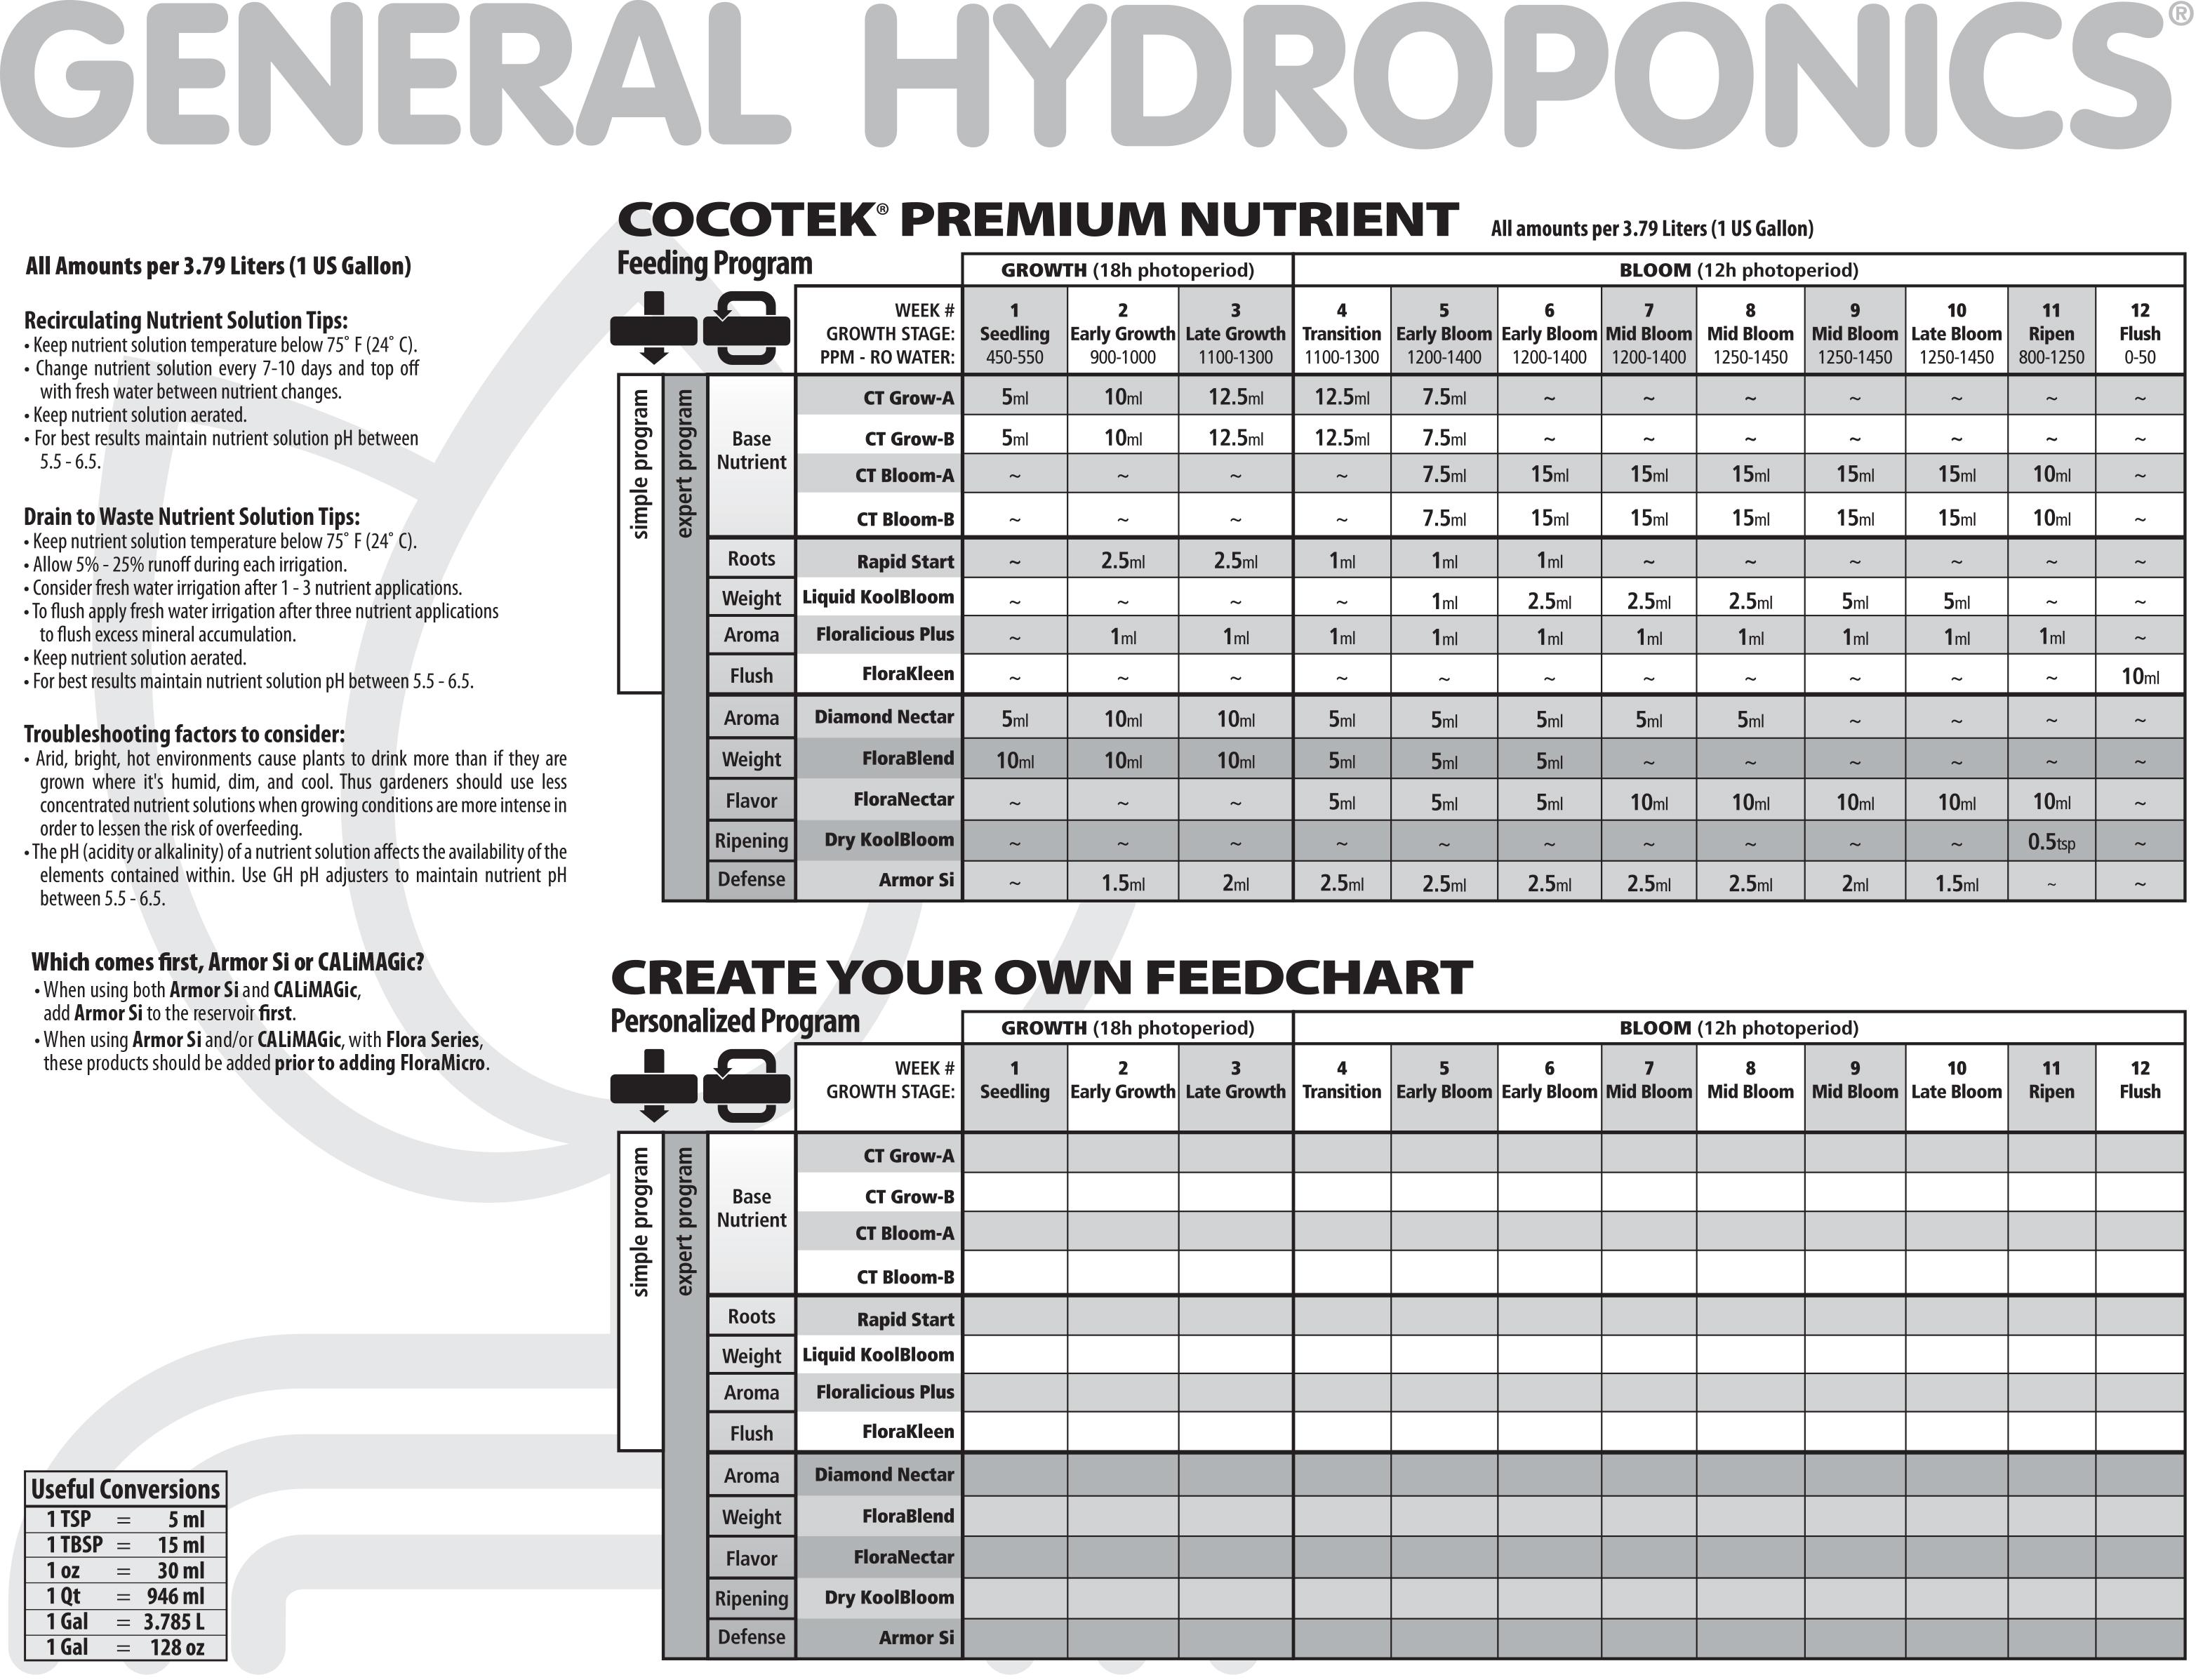 General Hydroponics Feeding Chart Coco - General hydroponics